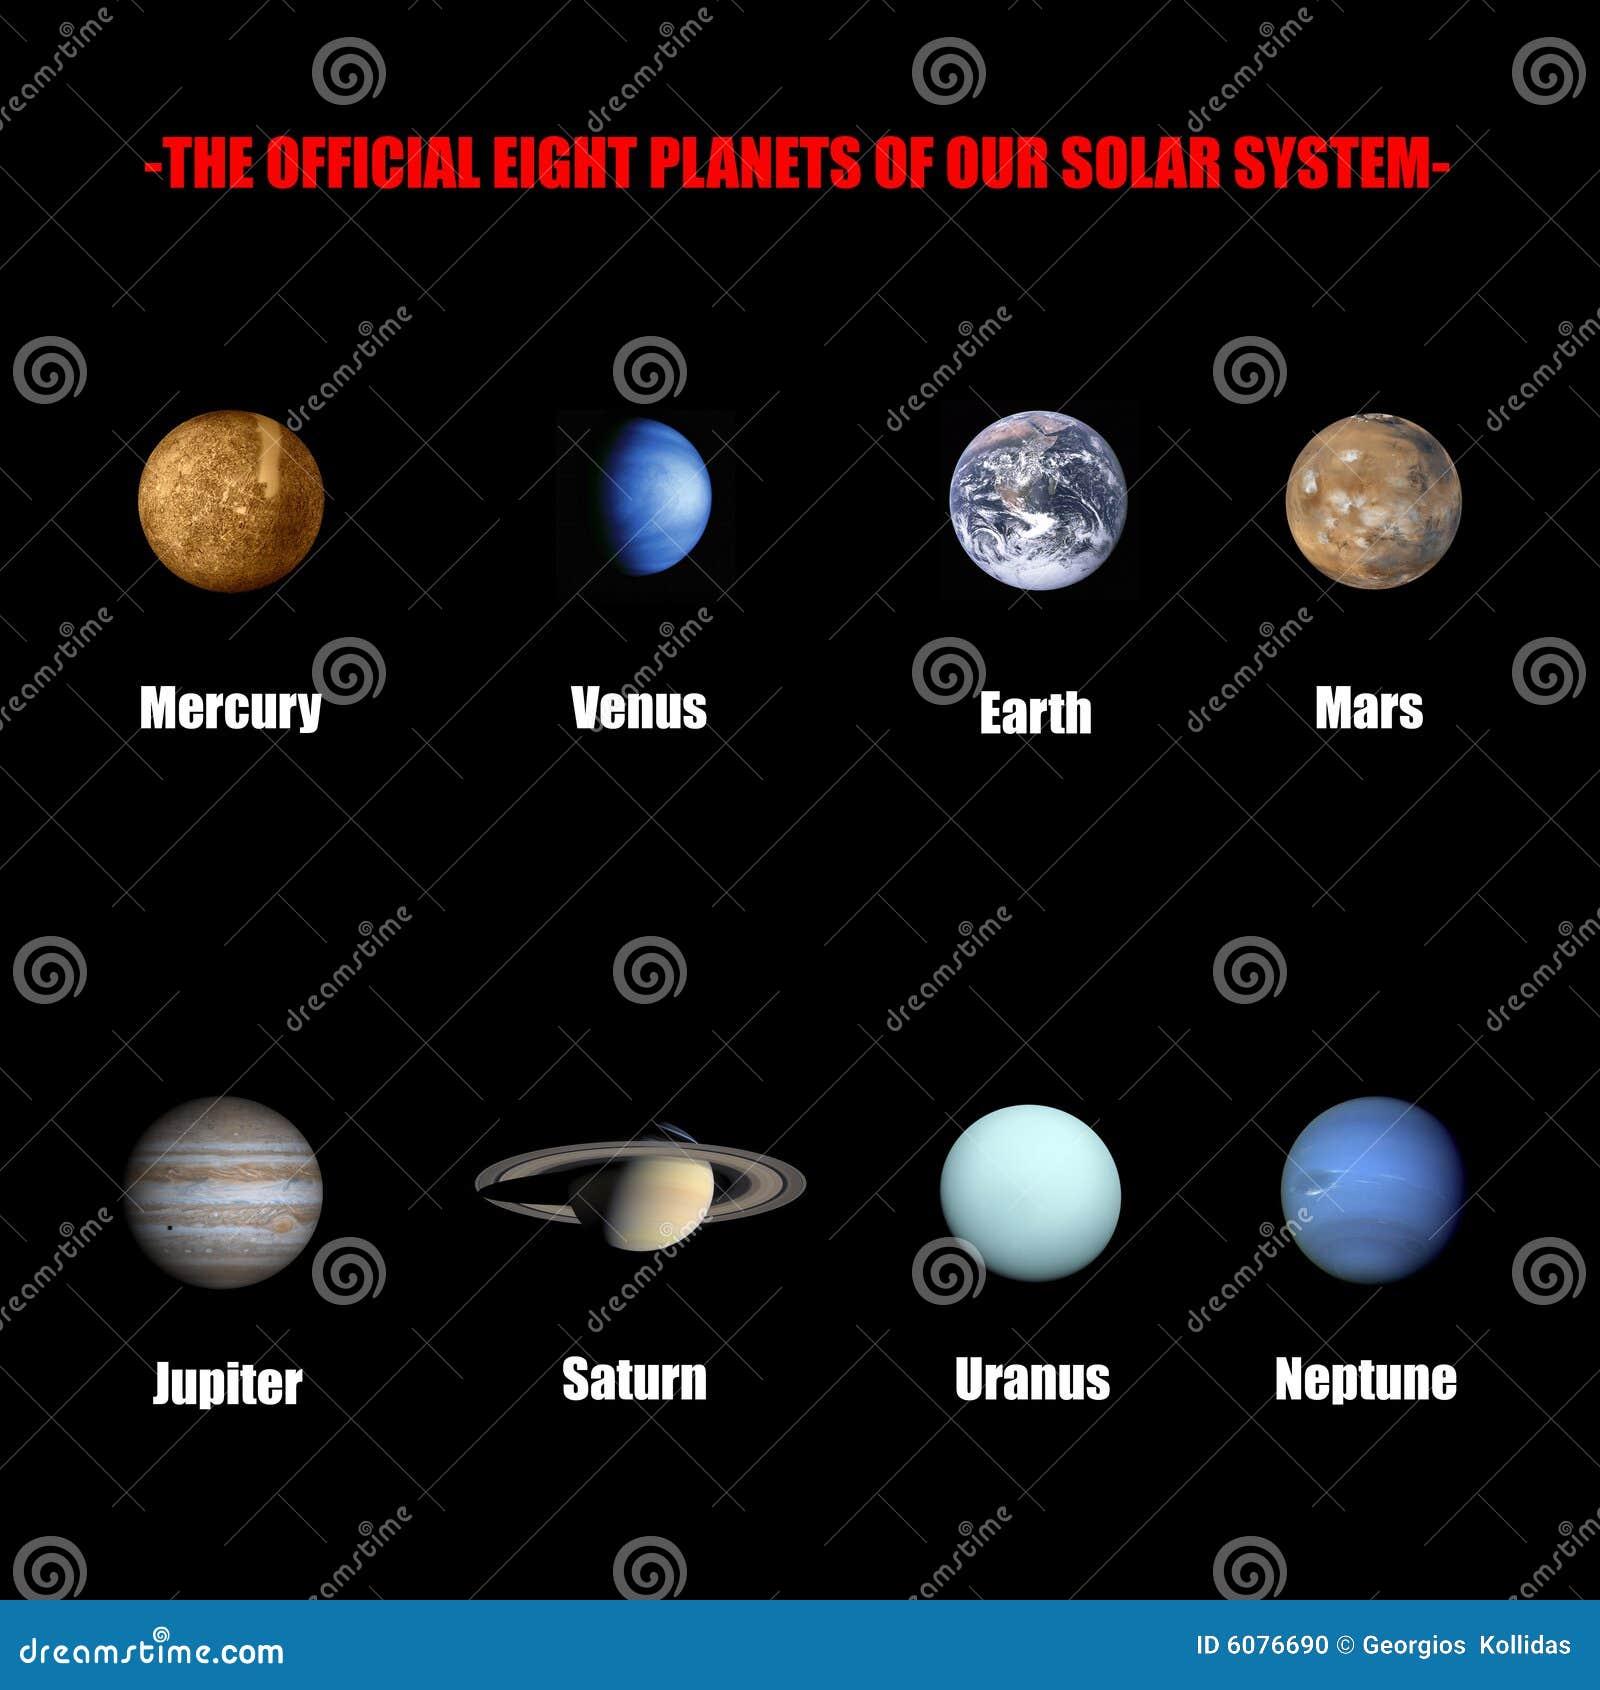 Amado Os Oito Planetas Oficiais De Nosso Sistema Solar Foto de Stock  KT68